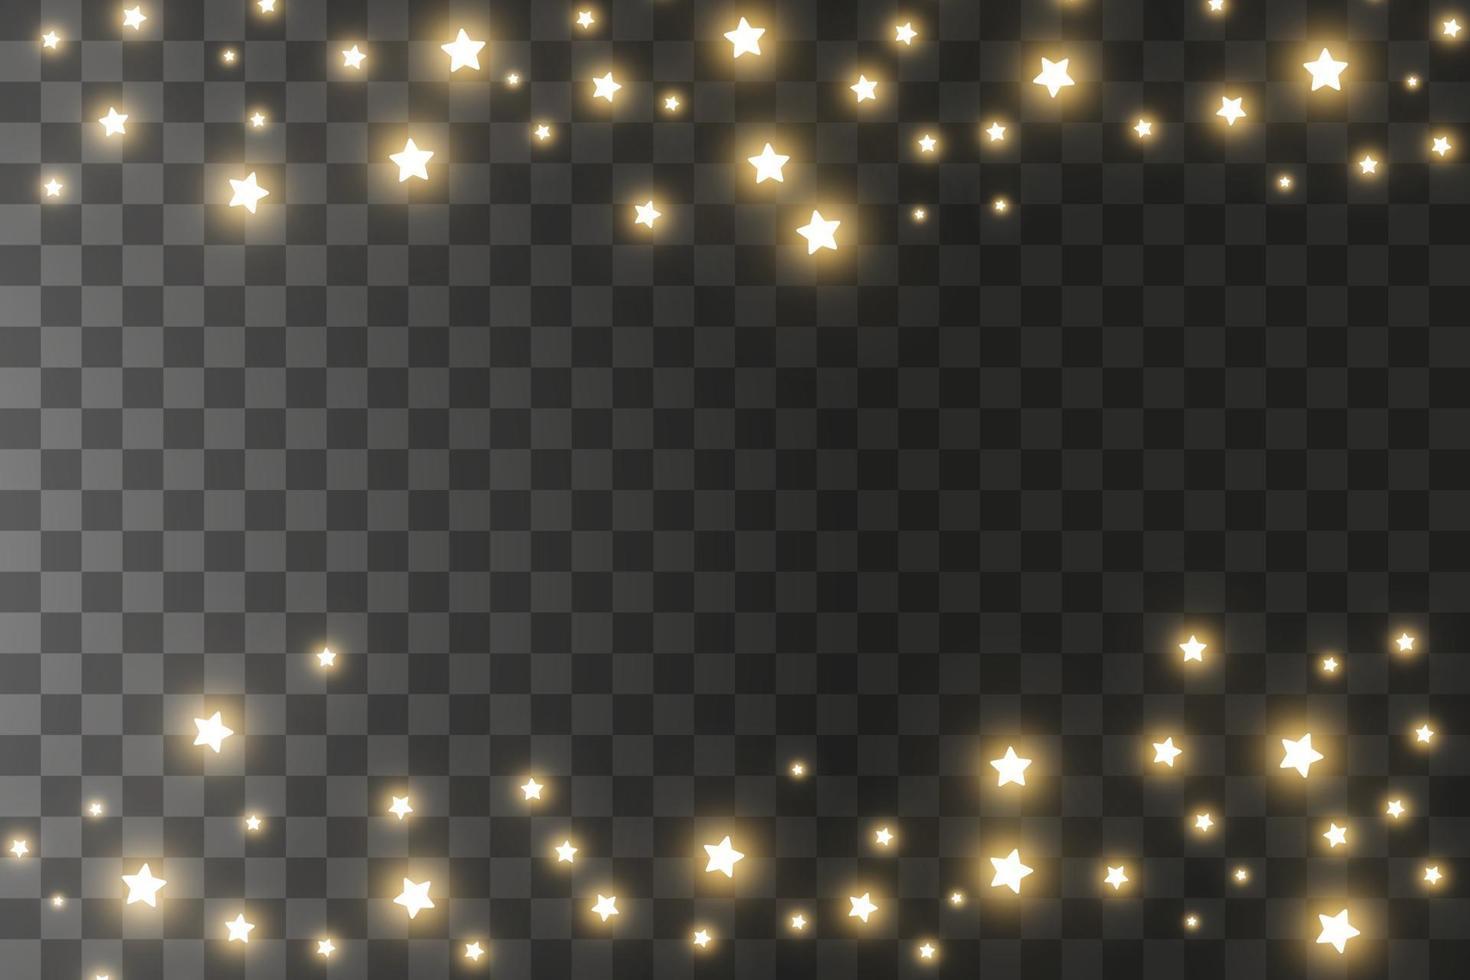 stofvonken en gouden sterren schijnen met speciaal licht. kerst lichteffect. sprankelende magische stofdeeltjes. vector